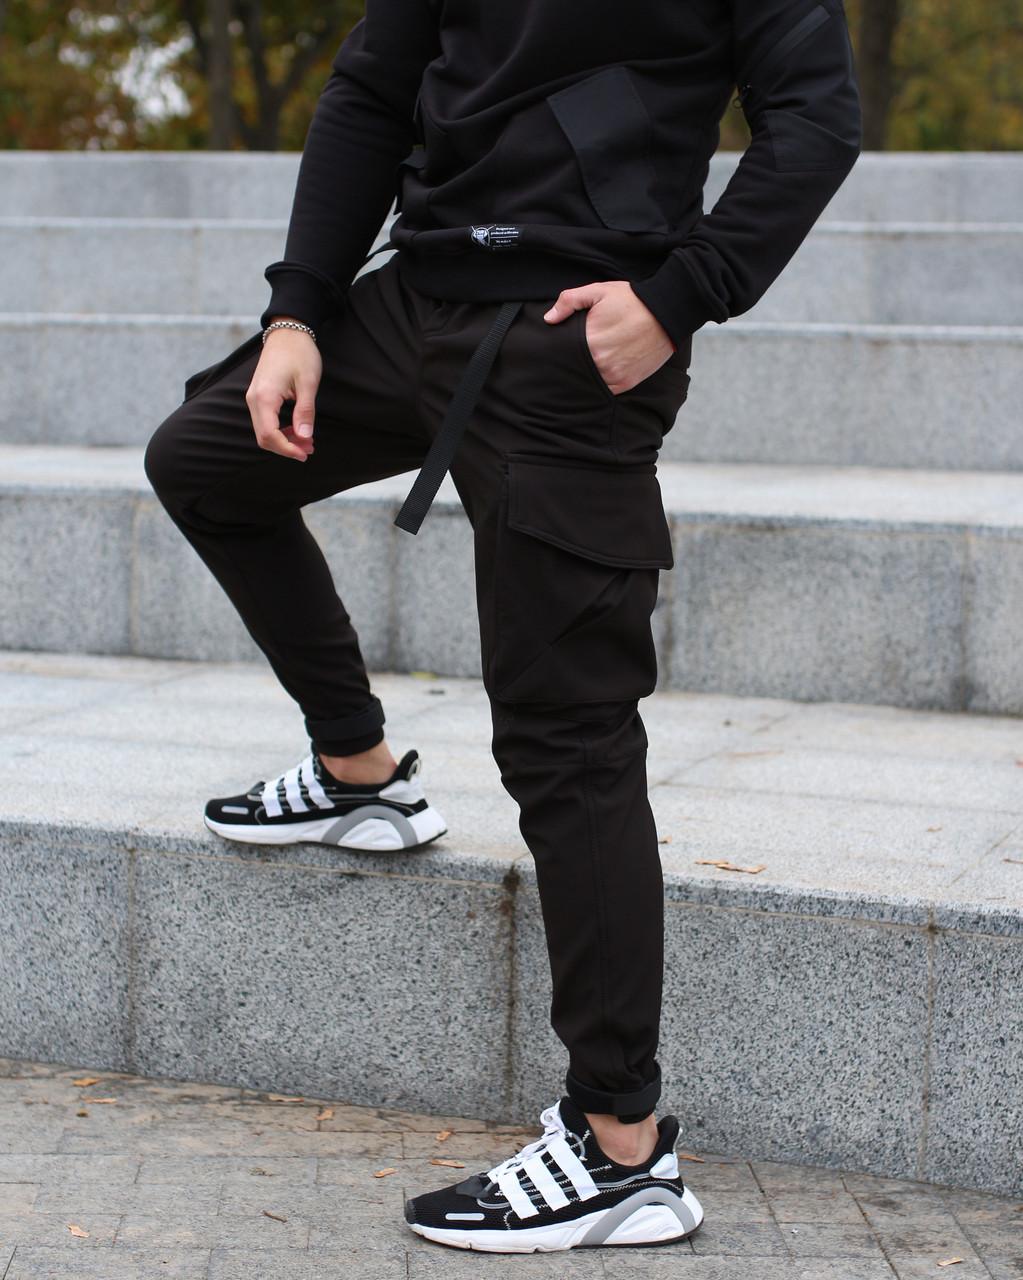 Зимние штаны карго из софтшела на флисе мужские черные бренд ТУР модель ДаркСайд (Darkside)